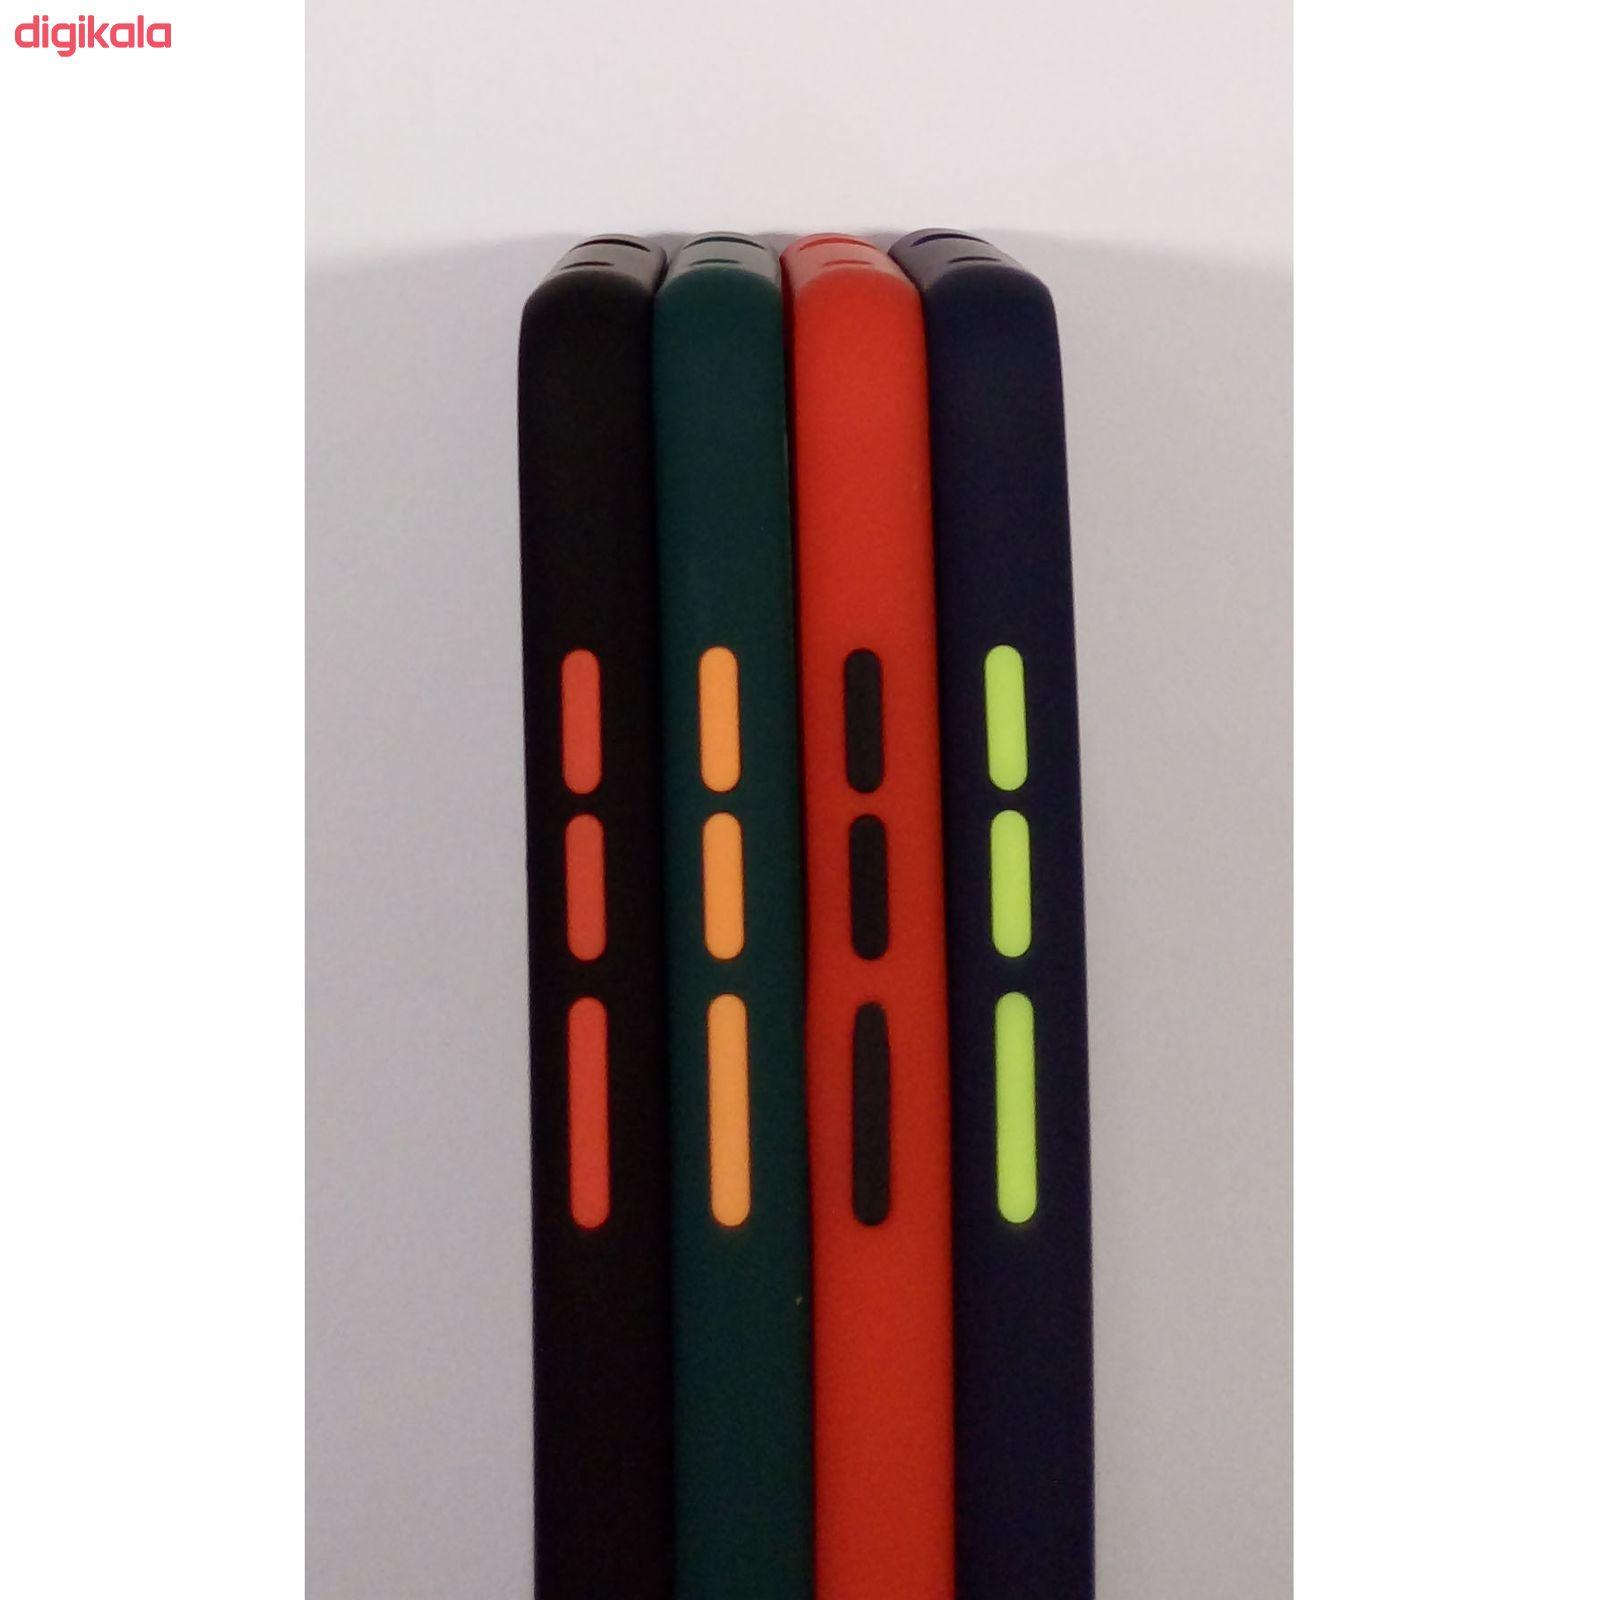 کاور مدل ma مناسب برای گوشی موبایل سامسونگ galaxy A11 main 1 2